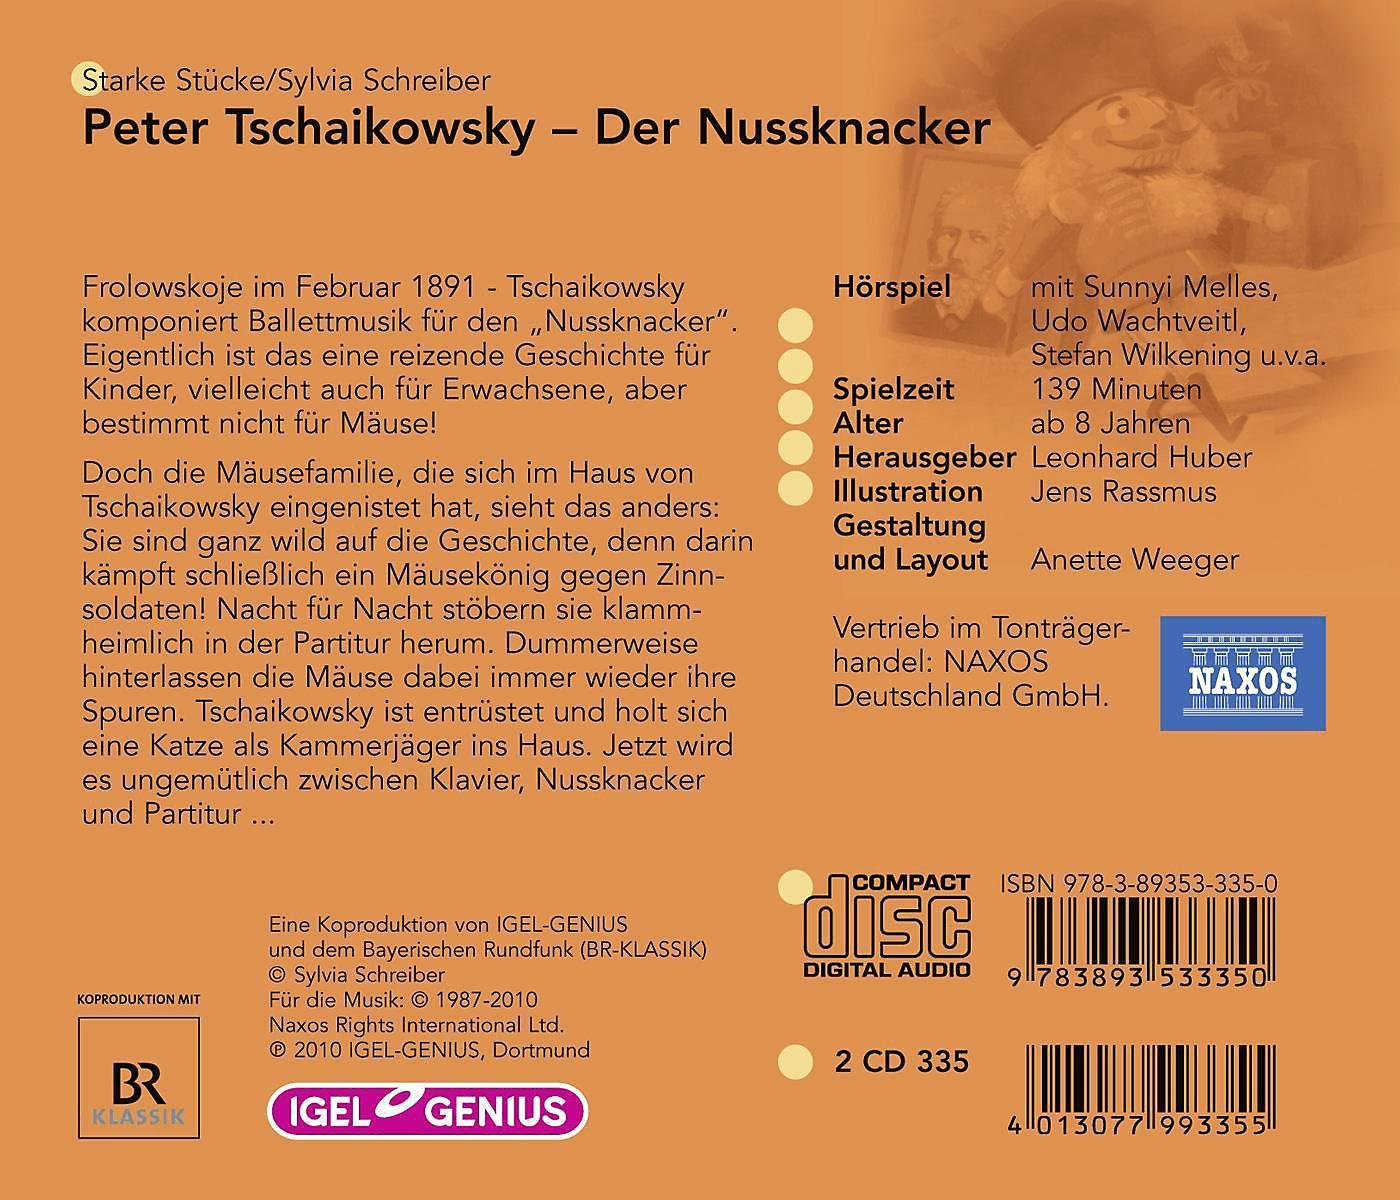 Peter Tschaikowsky - Der Nussknacker, 2 CDs von Sylvia